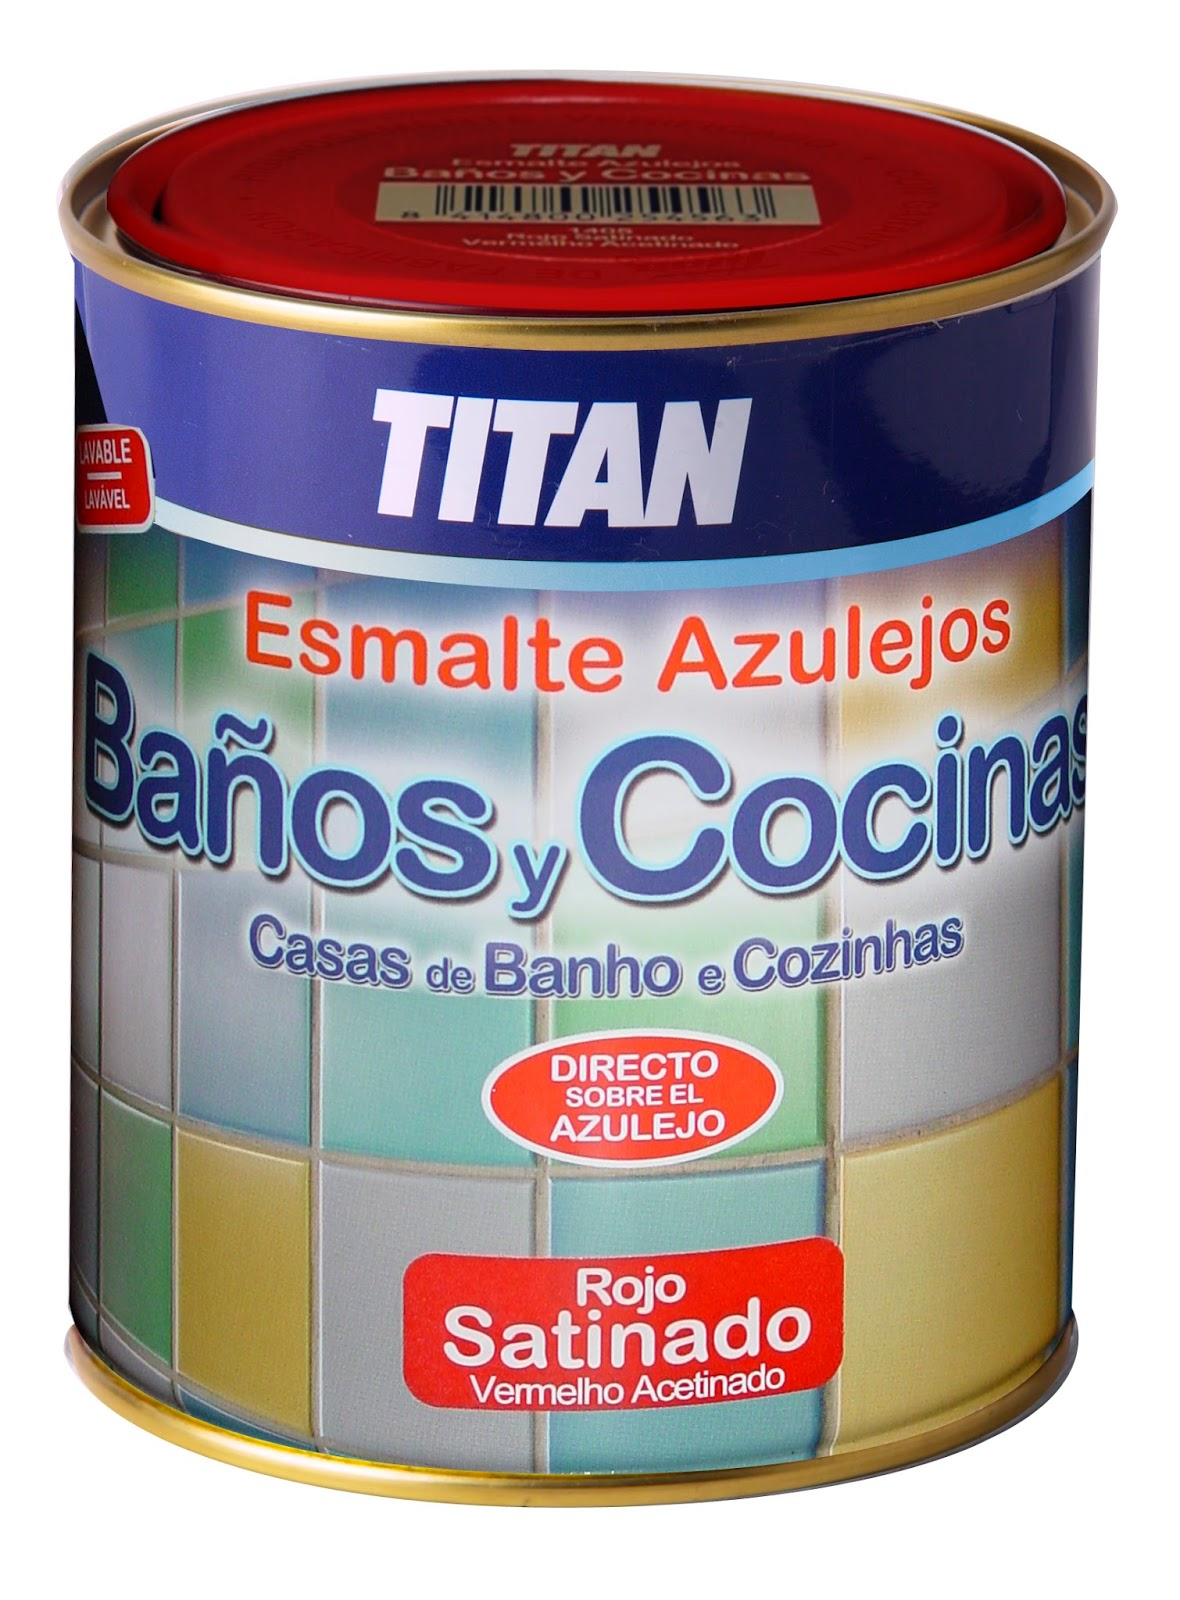 Pintura y decoraci n tit n ba os y cocinas esmalte para - Pinturas para azulejos bano ...